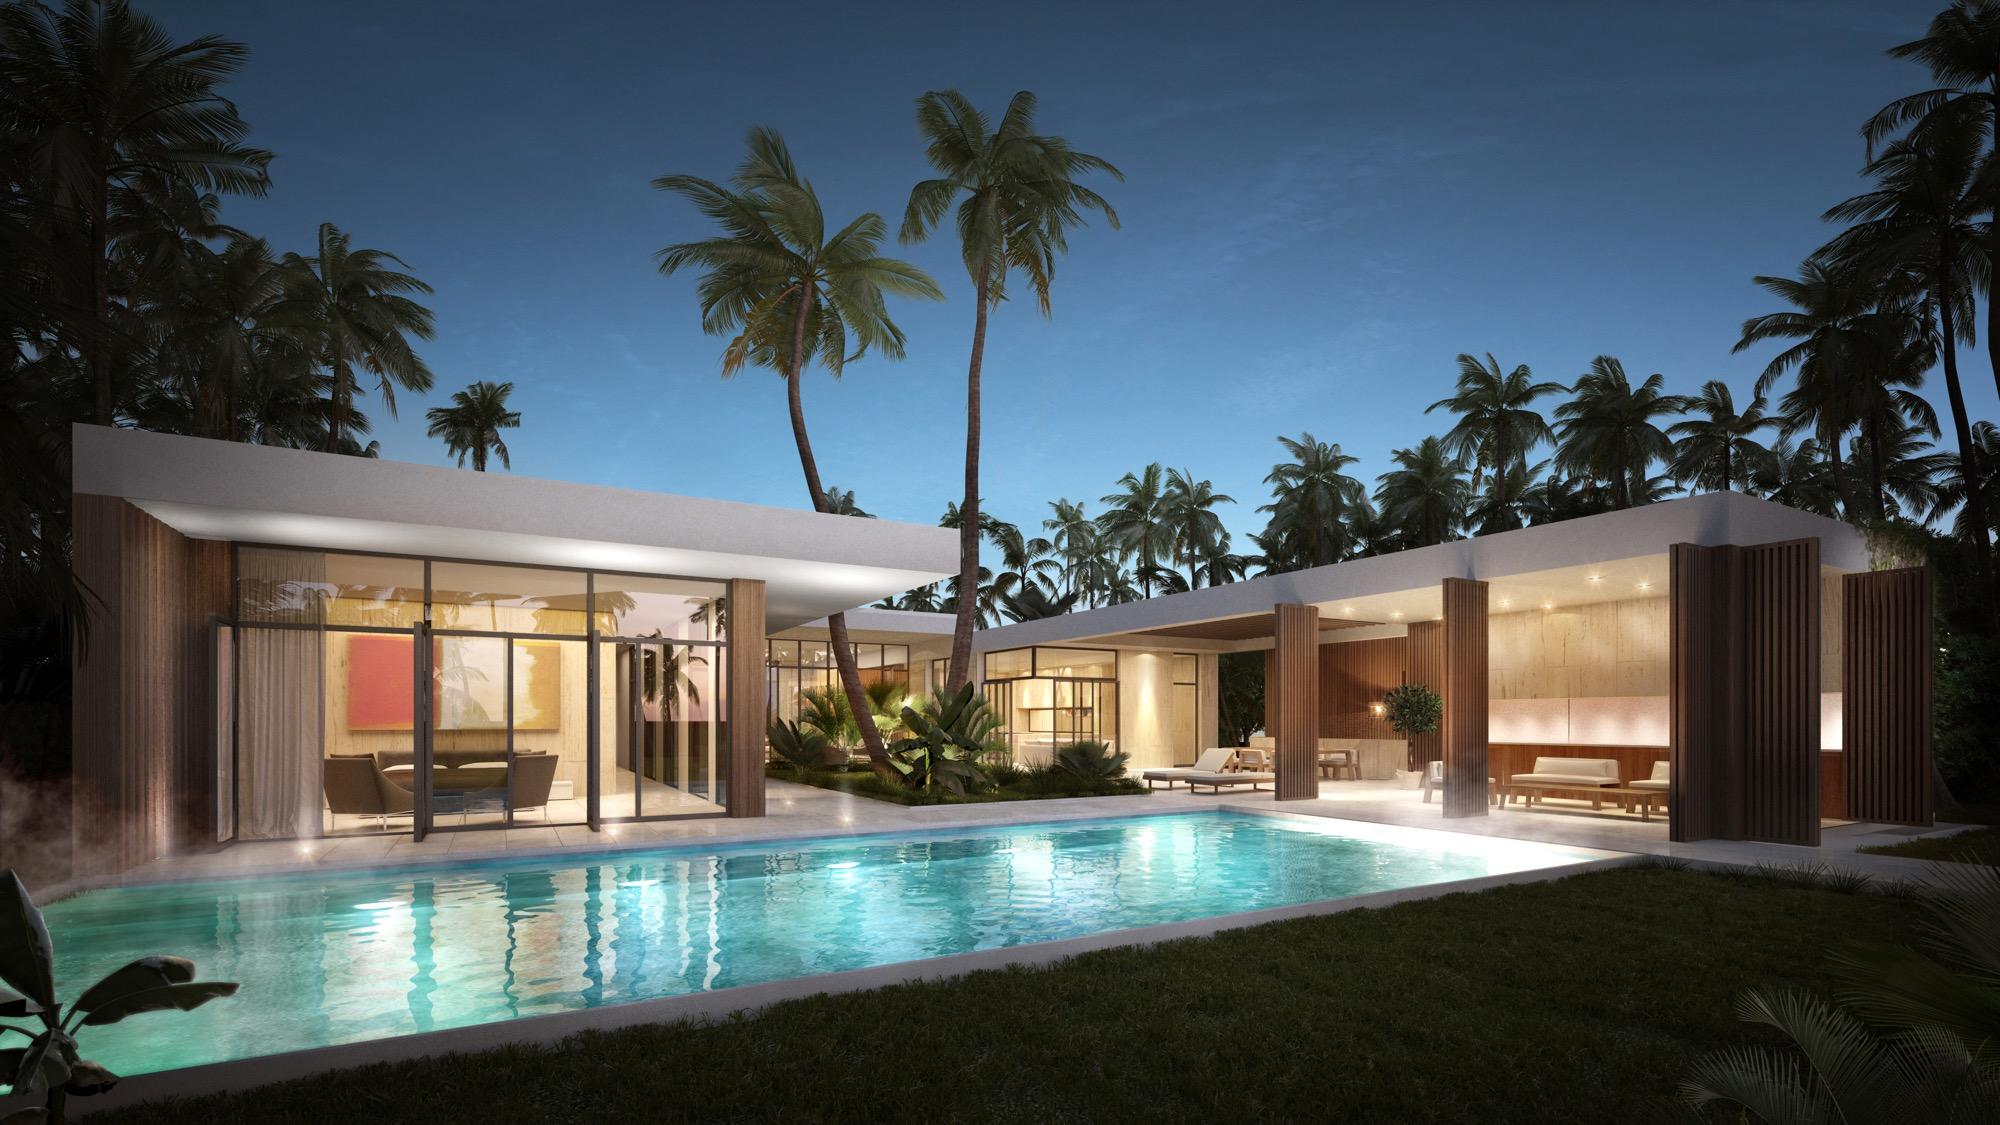 15Ricky_Centeno_Real_estate_agent_Miami